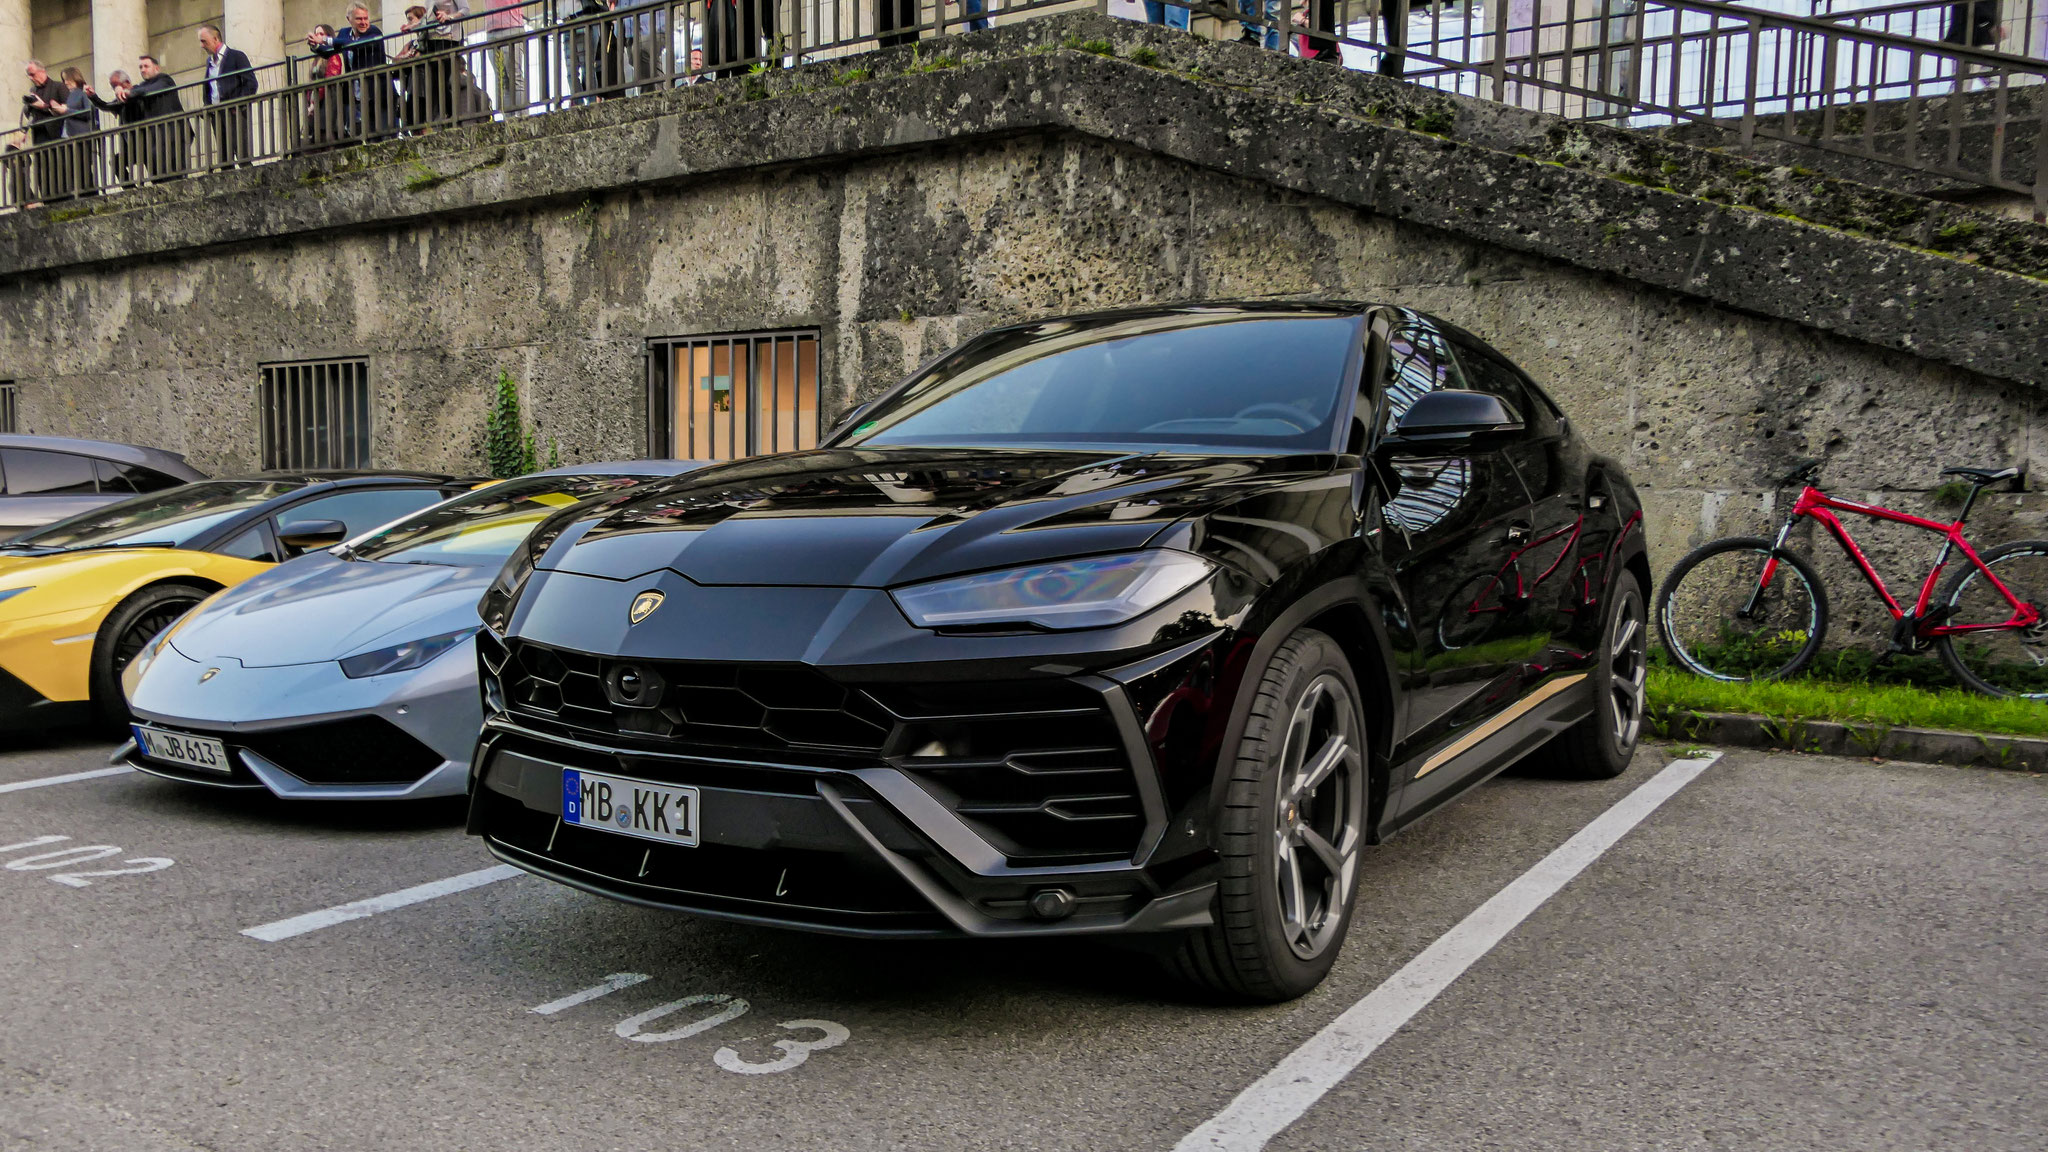 Lamborghini Urus - MB-KK-1